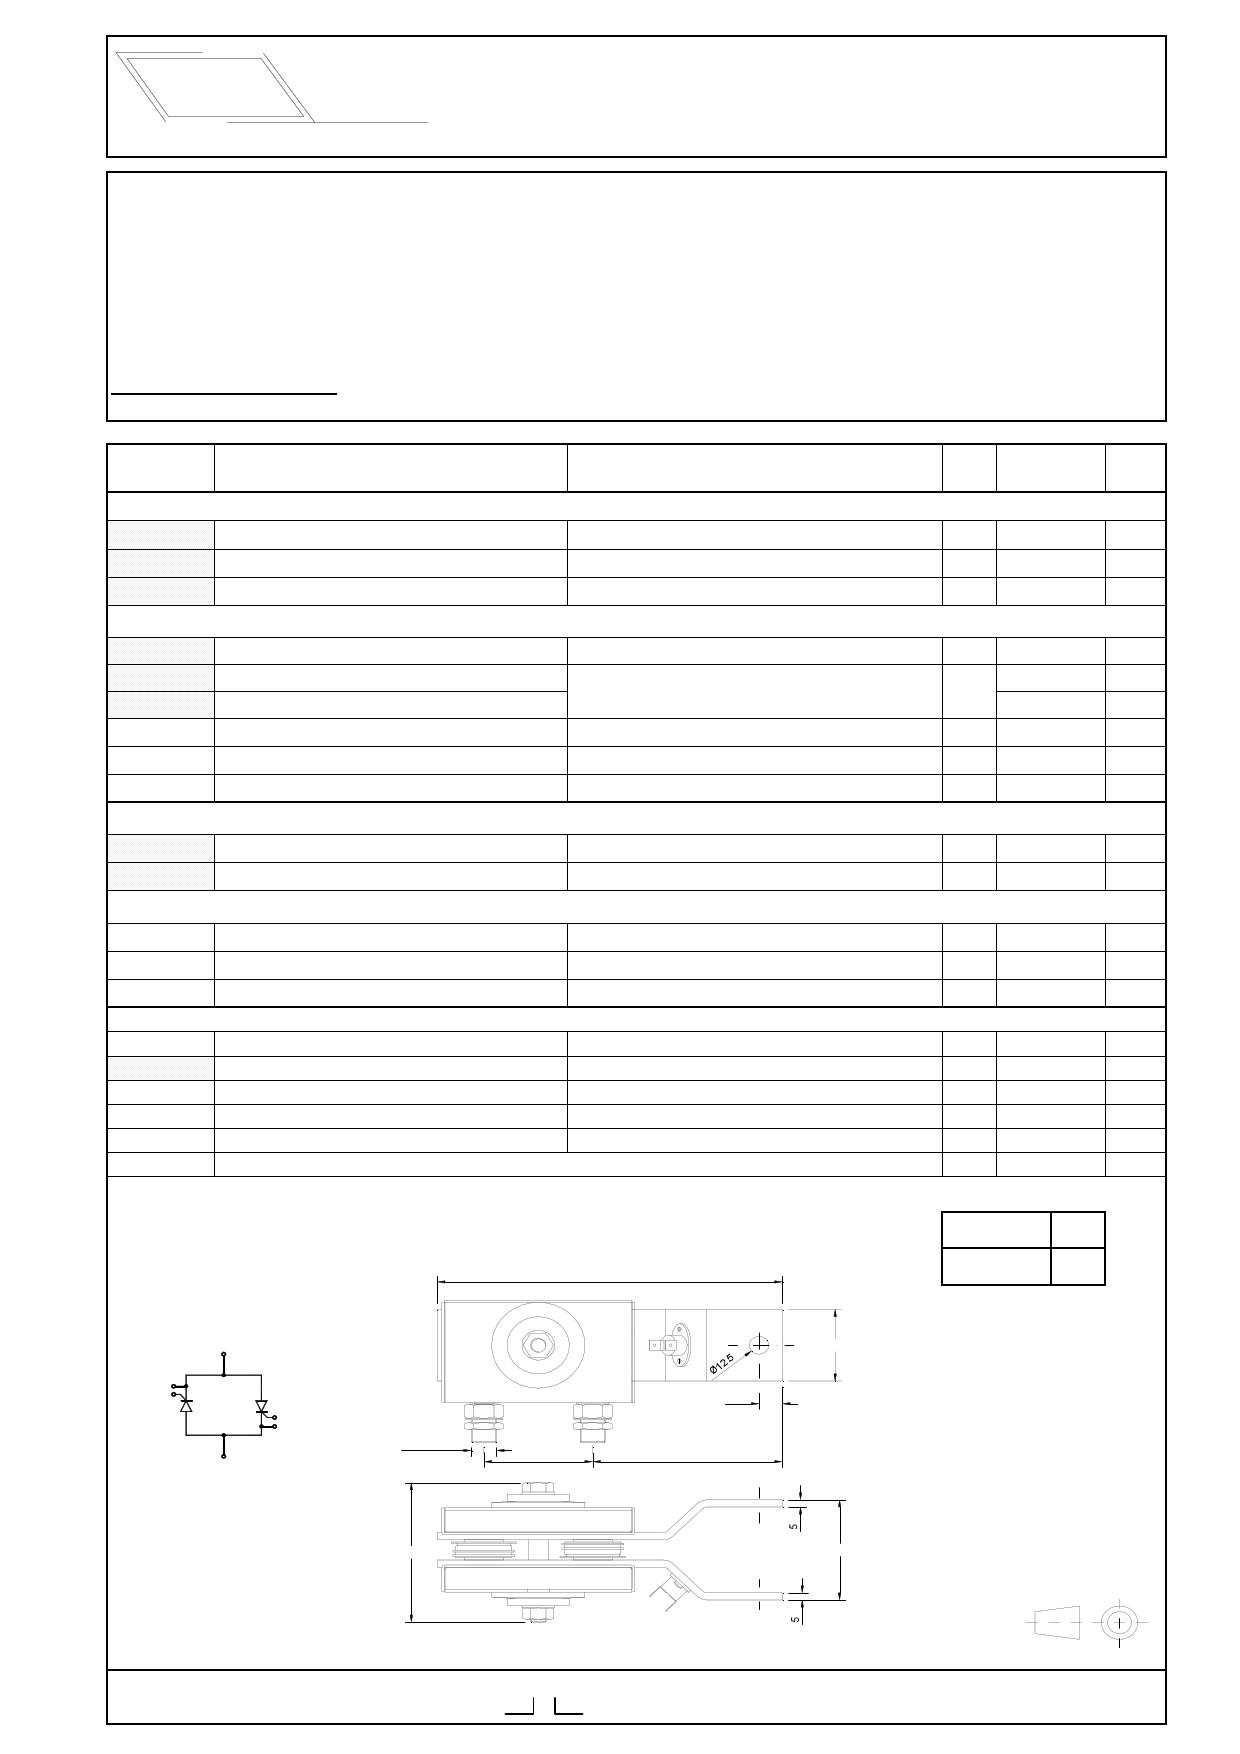 2-2WI-1000S16 Hoja de datos, Descripción, Manual